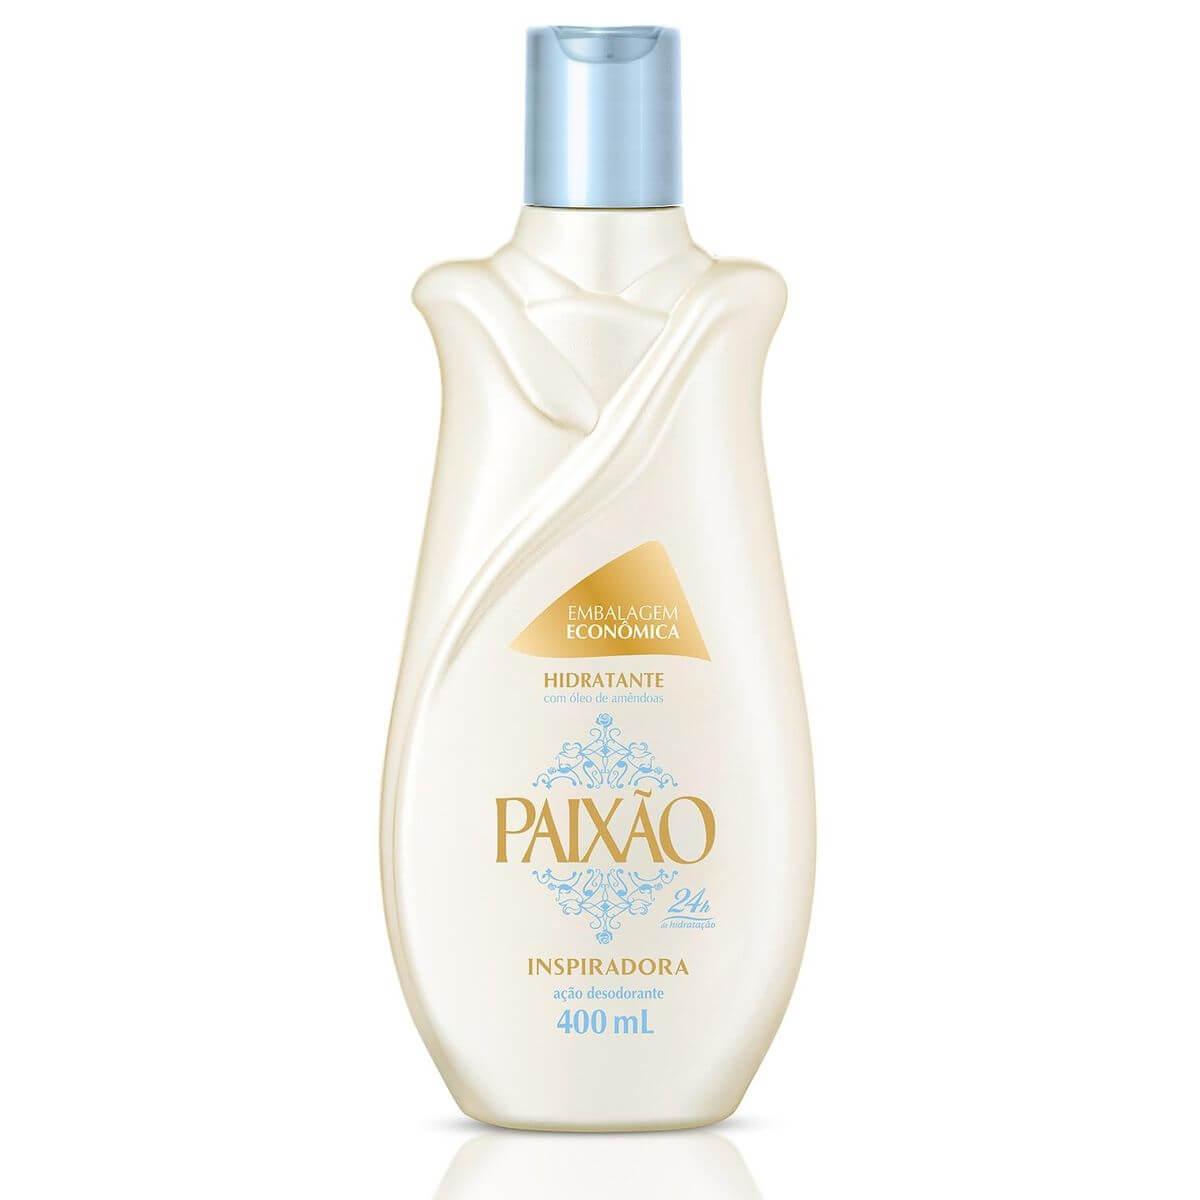 Hidratante Desodorante Paixão Inspiradora 400ml 400ml